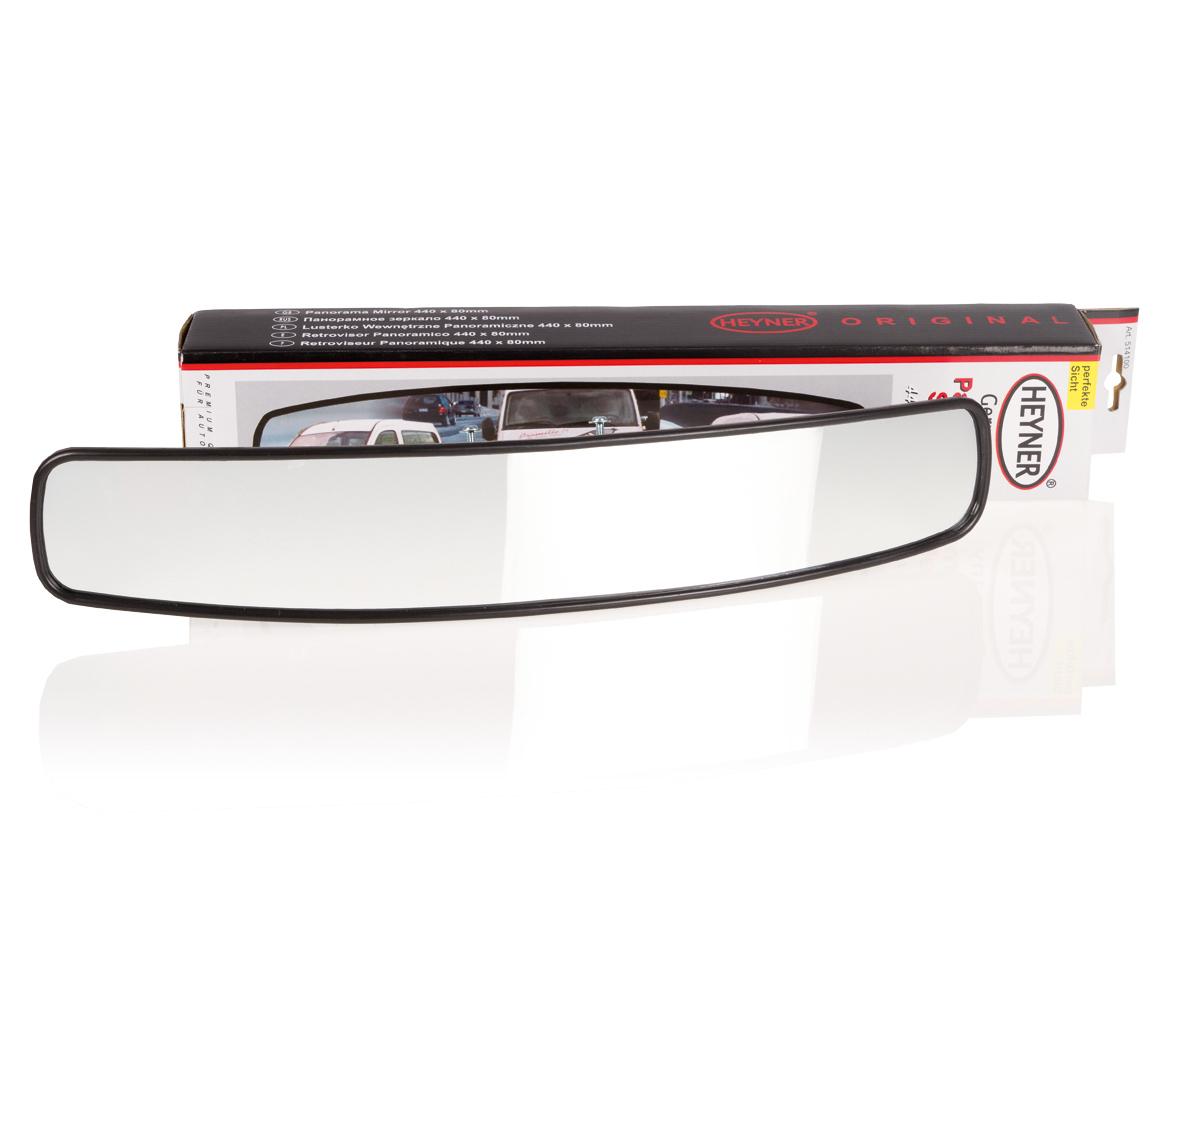 Зеркало заднего вида Heyner, панорамное, 440 х 80 ммCA-3505Накладное панорамное зеркало заднего вида Heyner используется в автомобилях для увеличения угла обзора дорожной ситуации с водительского места. Использование данных внутрисалонных зеркал повышает удобство вождения при совершении маневров, а также безопасность движения. Зеркало имеет сферическую форму для создания панорамы происходящего в мертвой для обзора области зеркала. Водителю видно то, что не видно в боковые зеркала. Устанавливается на штатное зеркало.